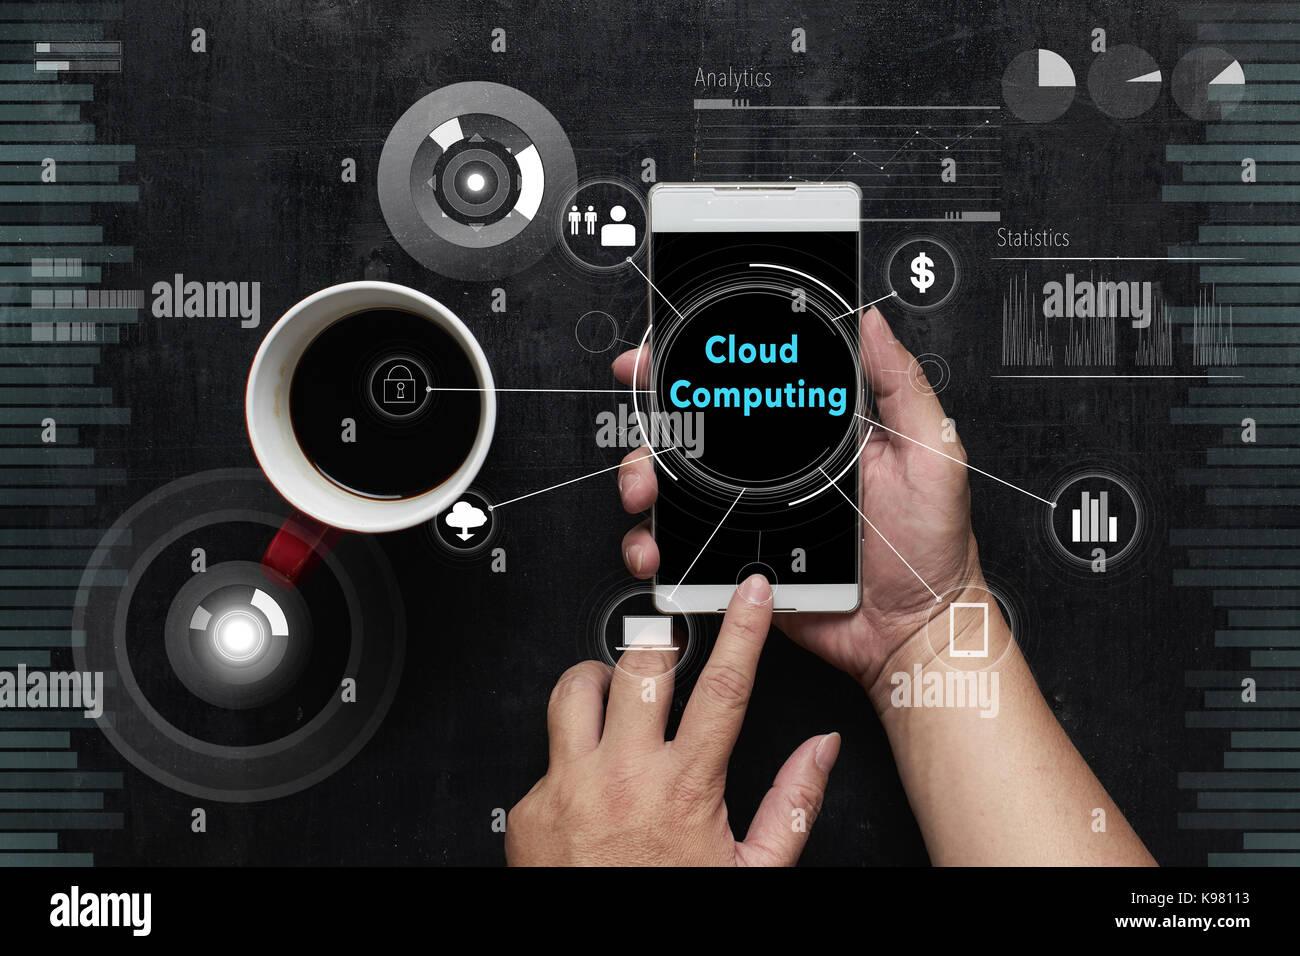 """Mann mit digitalen Gerät mit """"Cloud Computing"""" Wort auf digitalen virtuellen Bildschirm. Hi-tech Stockbild"""